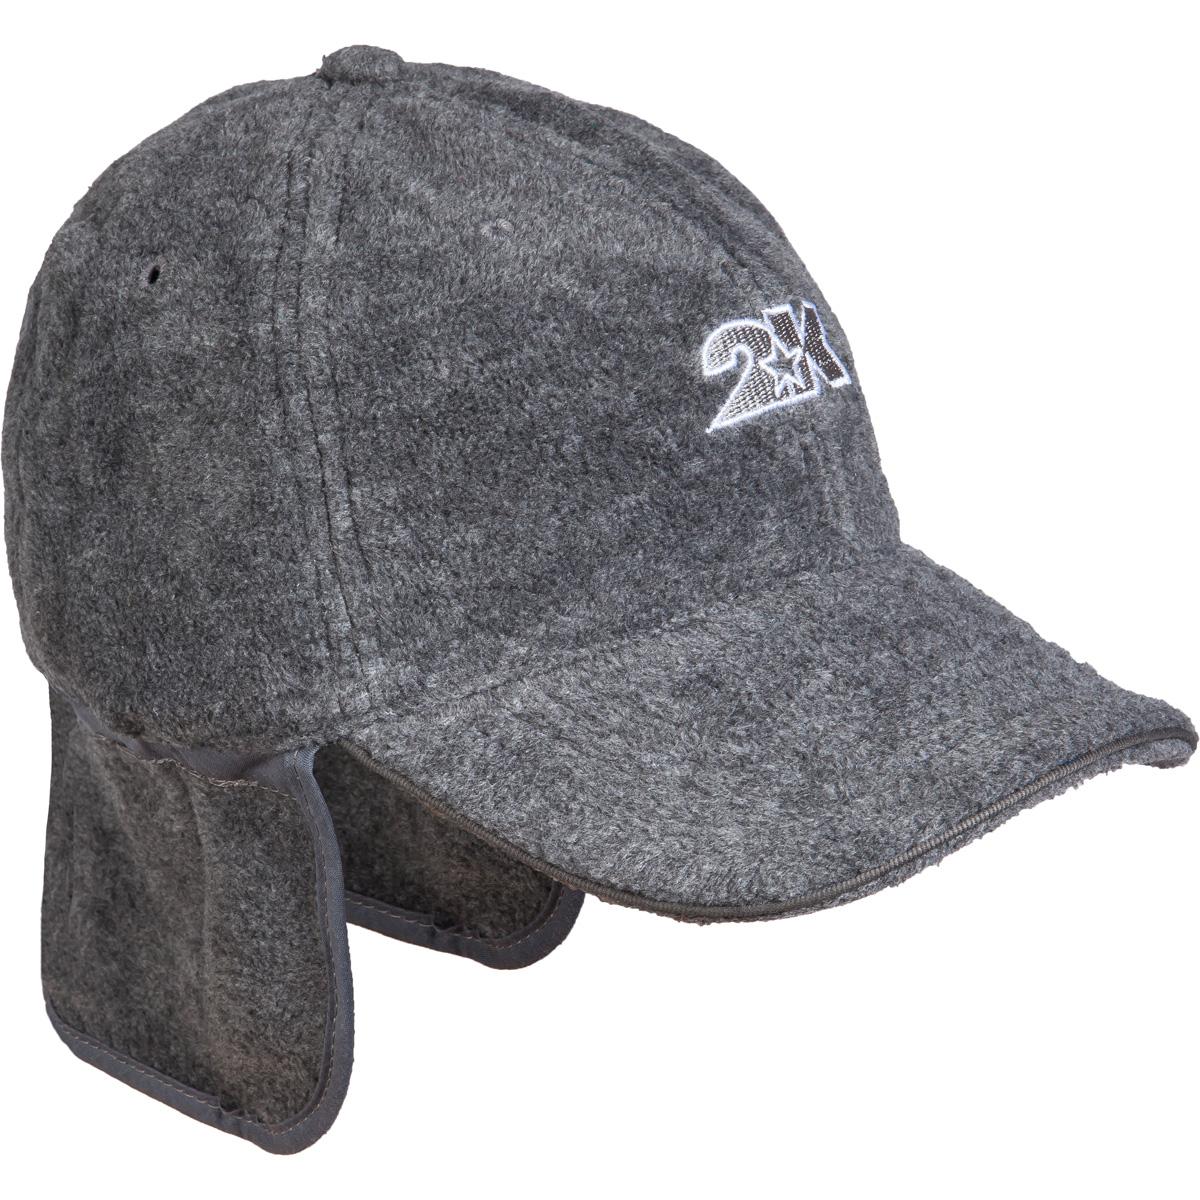 124234_blackБейсболка с ушами. Состав: 100% полиэстер, флисовая подкладка. Предназначена для холодного времени года. Плотный простроченный козырек.